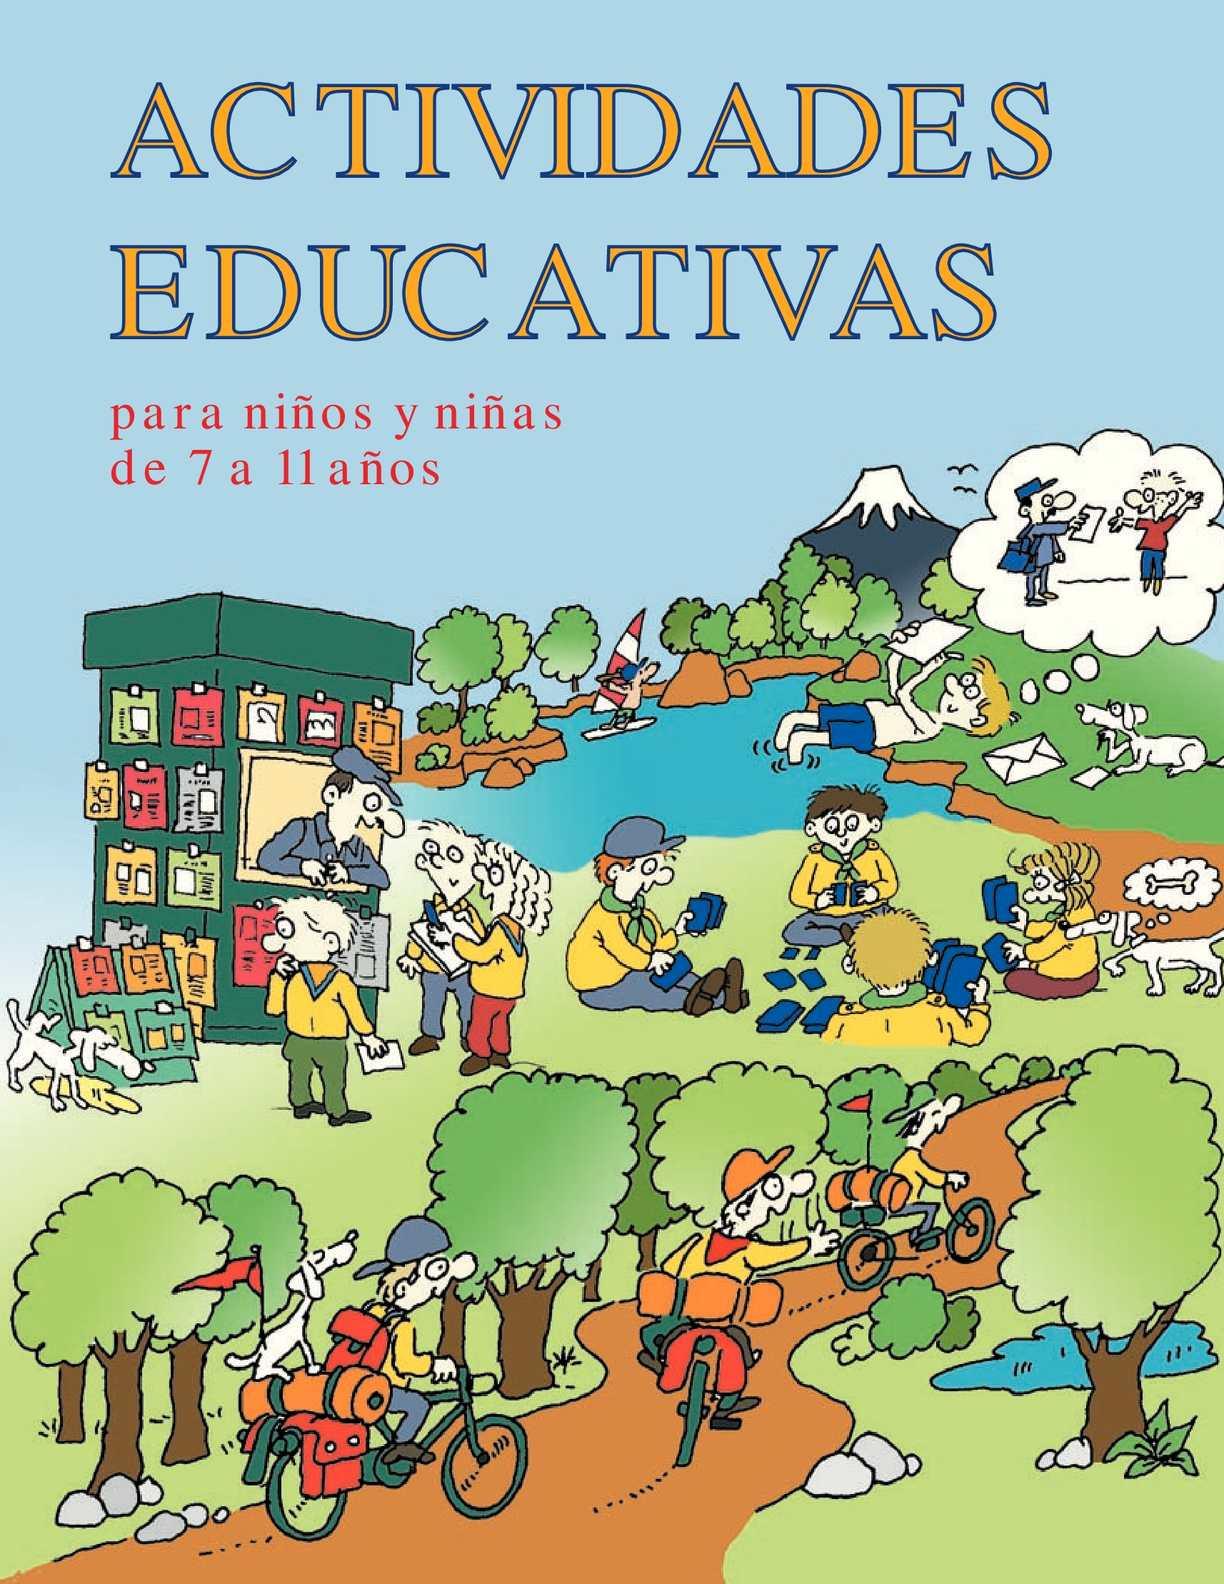 Calaméo Calaméo Calaméo Educativas Actividades Actividades Calaméo Actividades Educativas Educativas Actividades Educativas Calaméo 0wn8OPkX